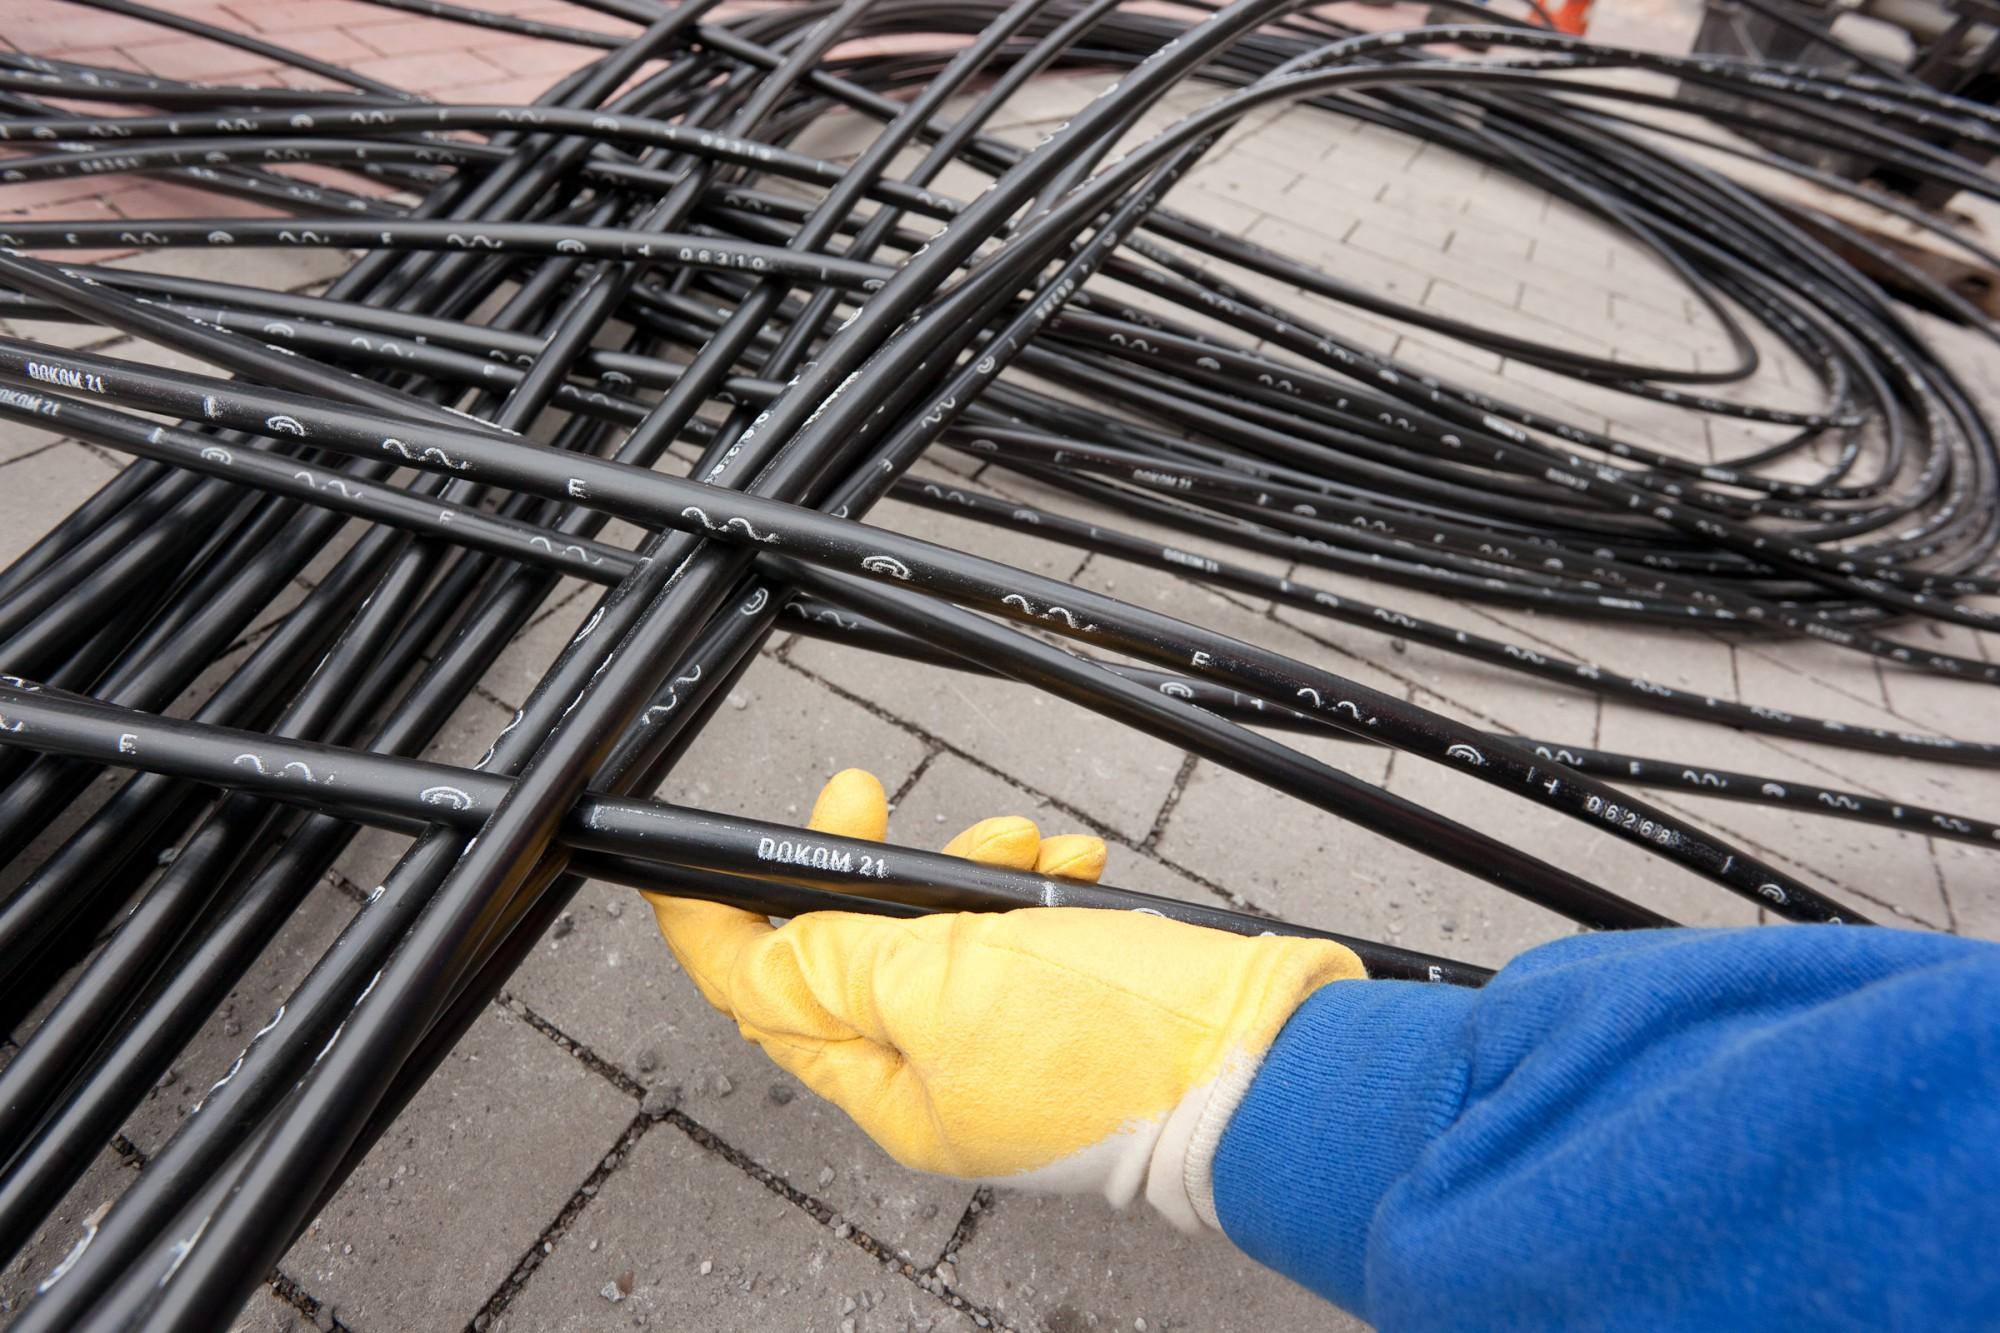 DOKOM21 optimiert die Telekommunikationsanbindung in Holzwickede und verlegt dafür in den nächsten Wochen rund drei Kilometer Glasfaserkabel im Norden der Gemeinde. (Foto: DOKOM21)